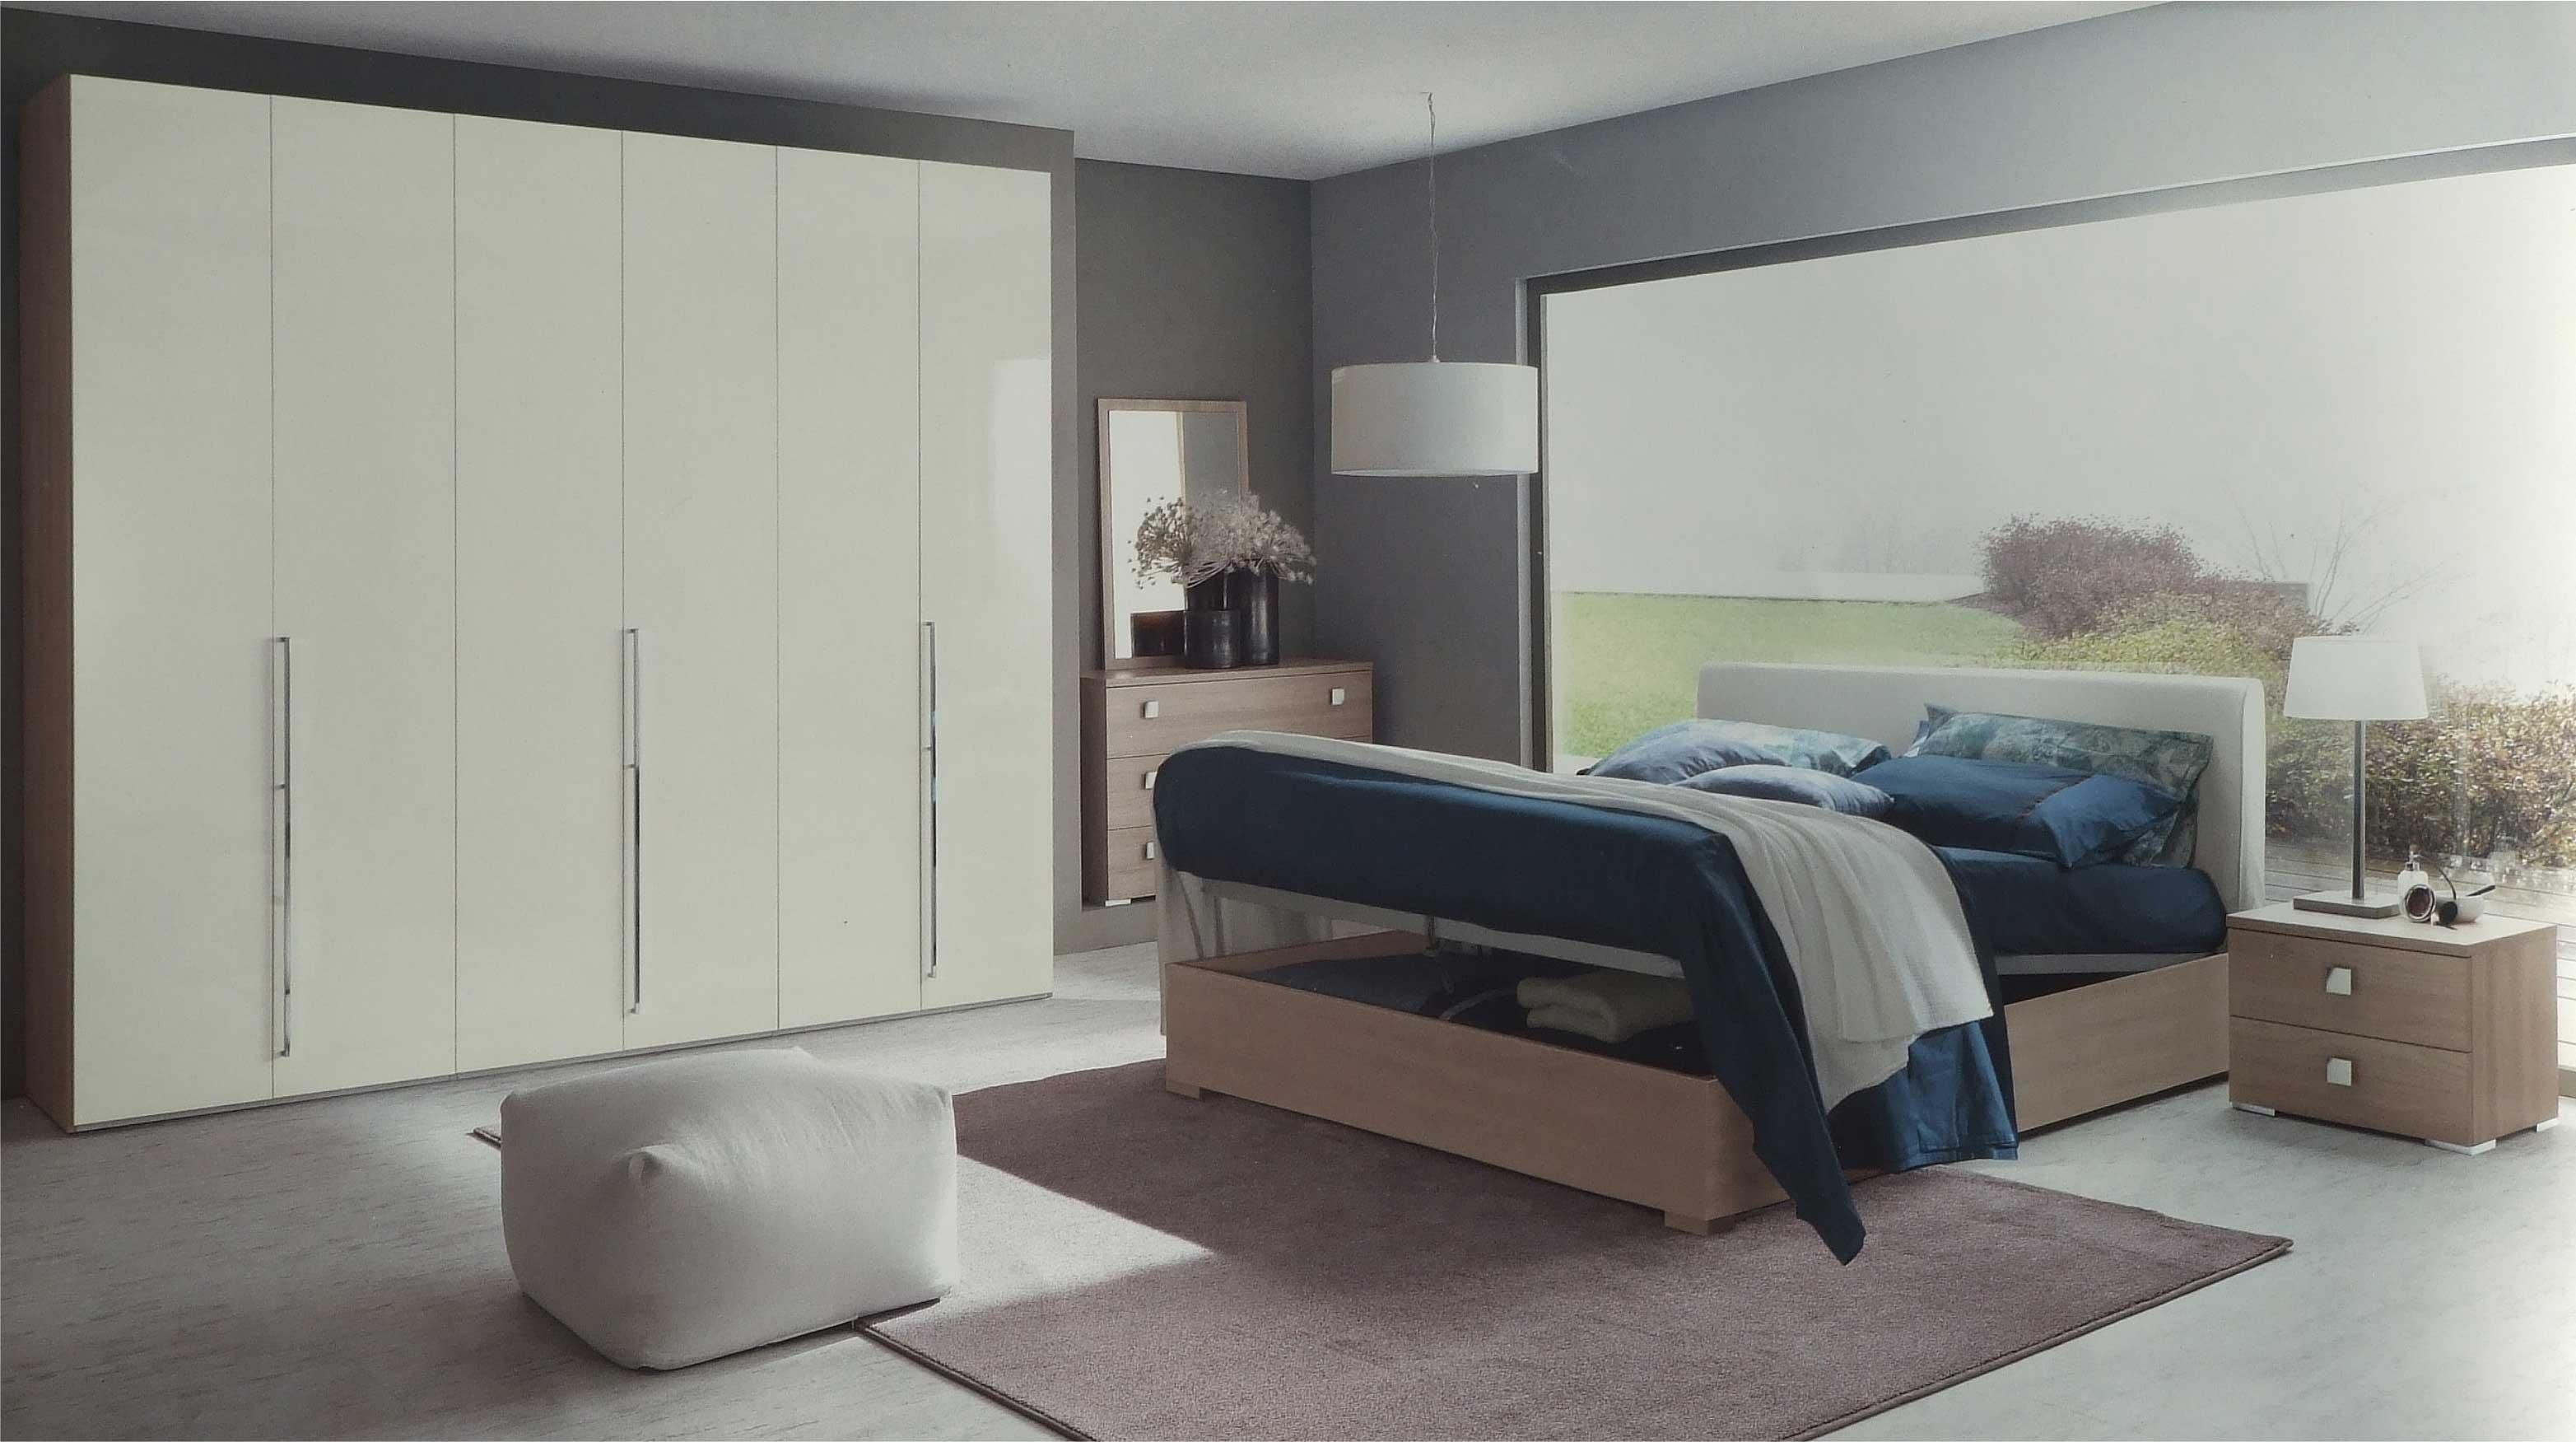 camera completa plana letto contenitore armadio 6 ante